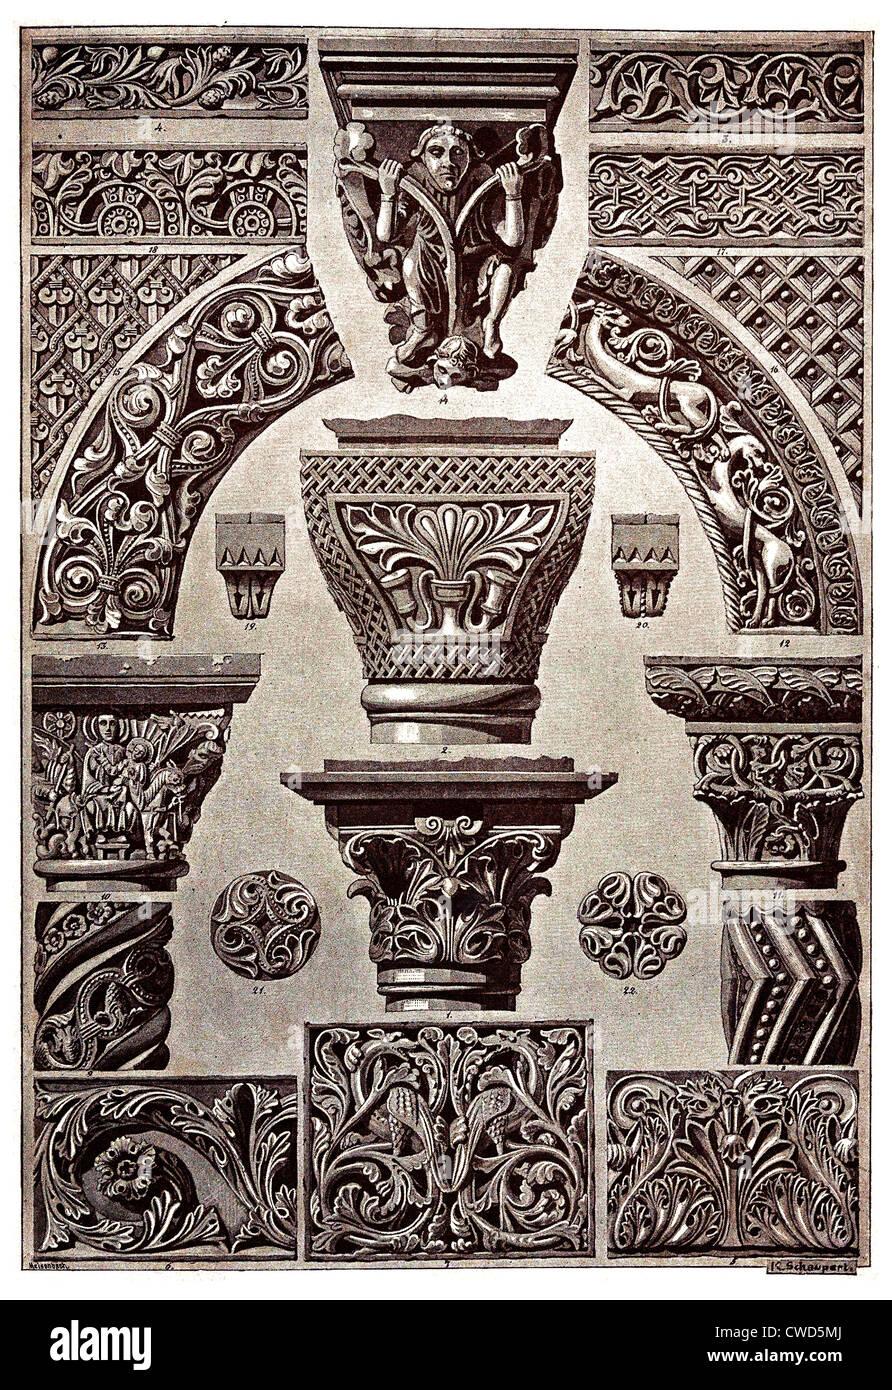 Bizantina e romanica Medioevo architettura e scultura piastra 34 Immagini Stock